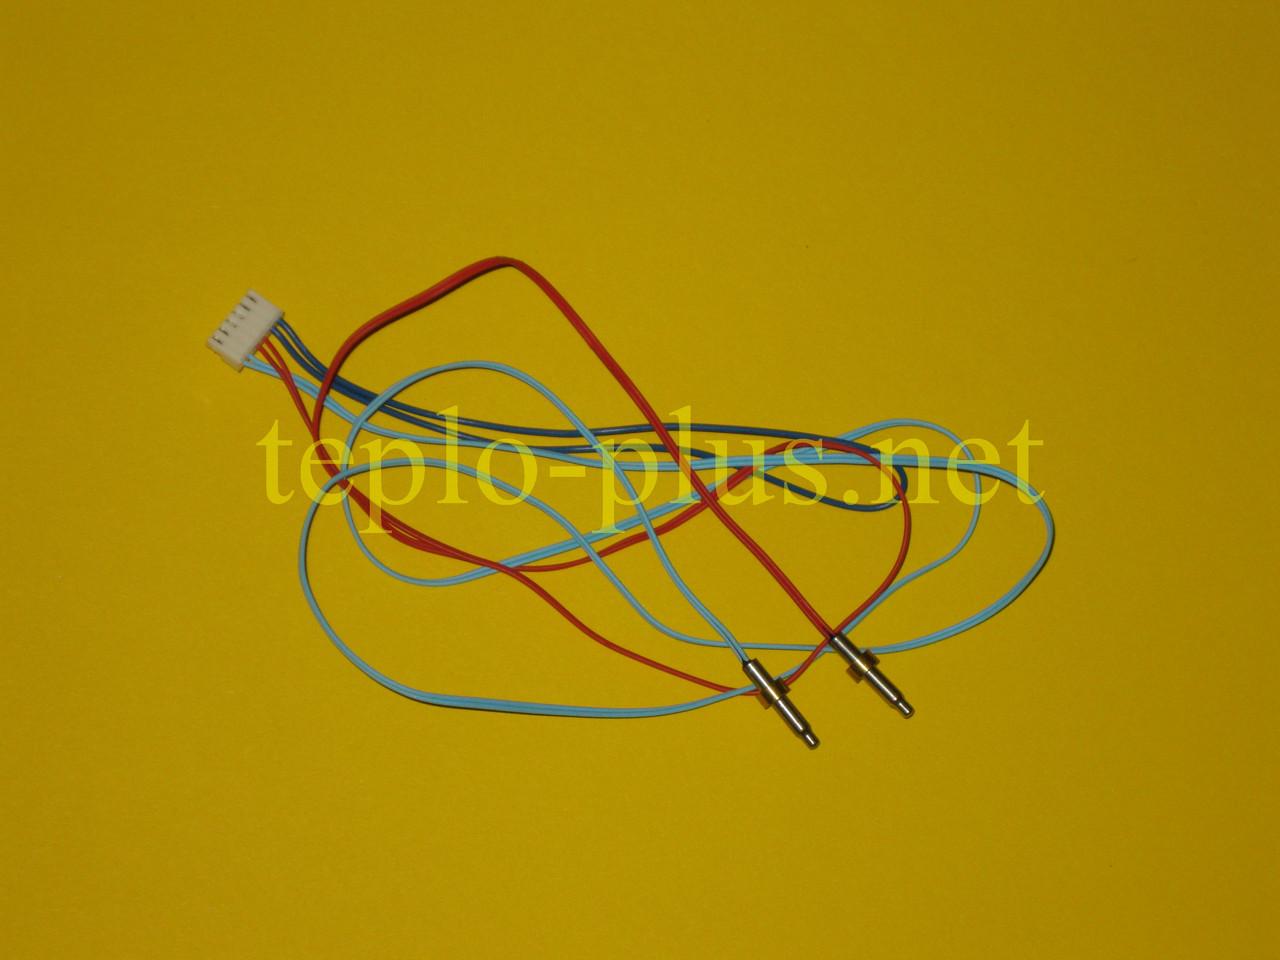 Датчик температуры отопления + ГВС Daewoo Gasboiler DGB-100, 130, 160, 200, 250, 300, 350, 400 MSC